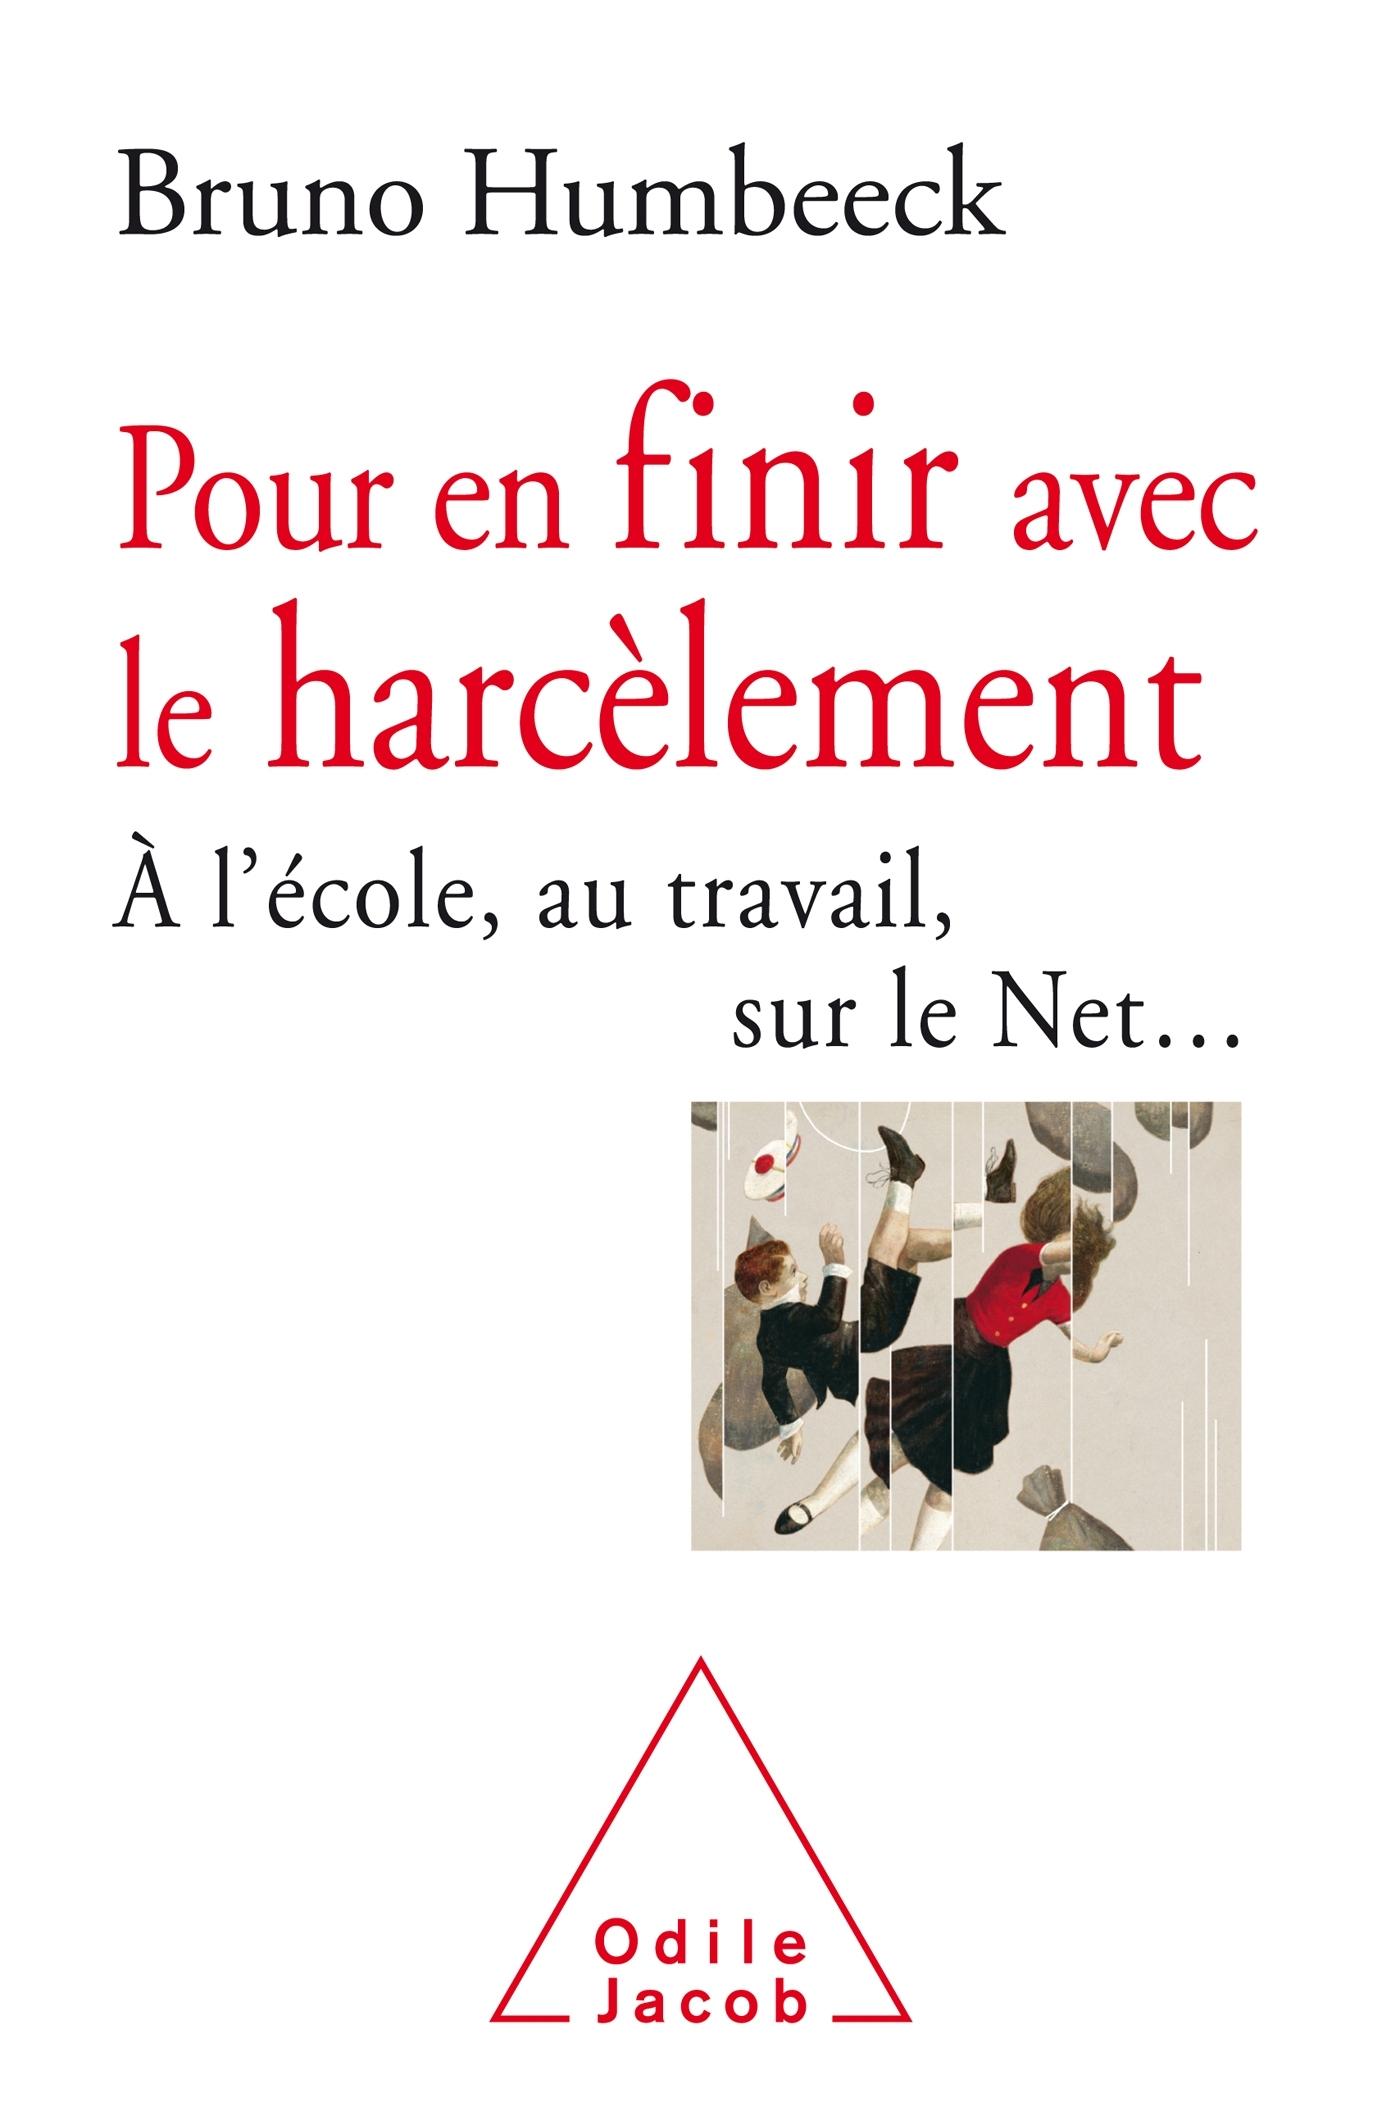 POUR EN FINIR AVEC LE HARCELEMENT - A L'ECOLE, AU TRAVAIL, SUR LE NET